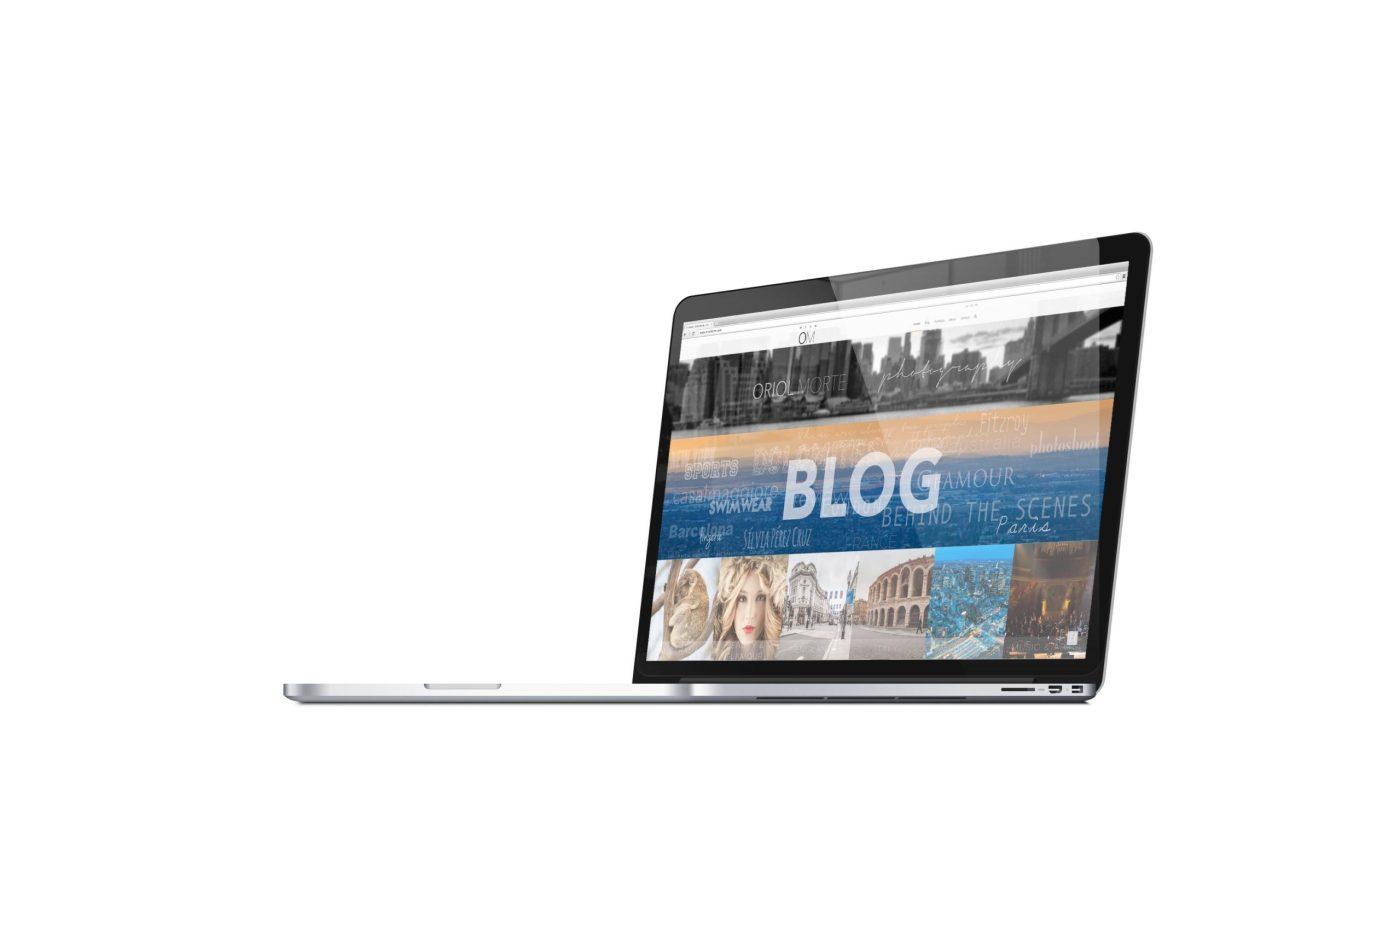 New website design at Oriolmorte.com